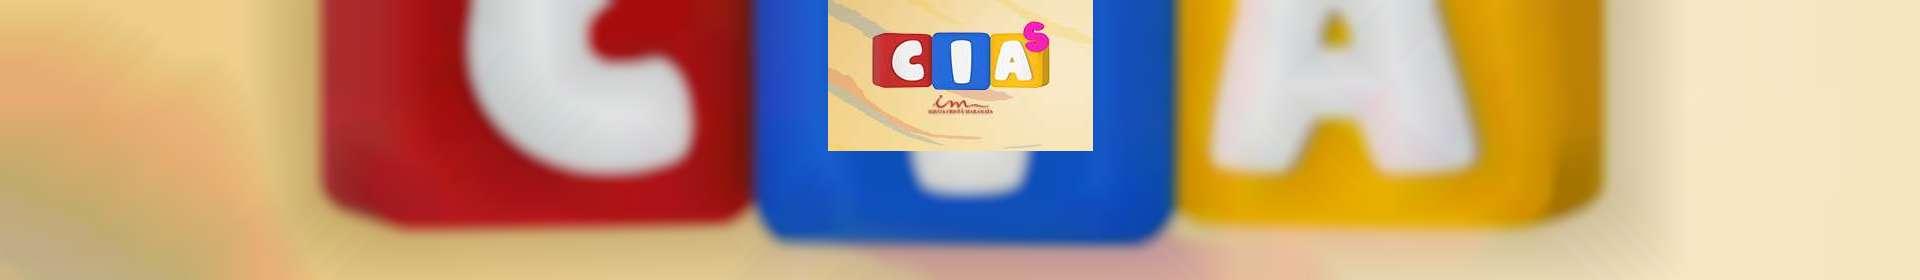 Aula de CIAS: classe de 07 a 11 anos - 30 de julho de 2020